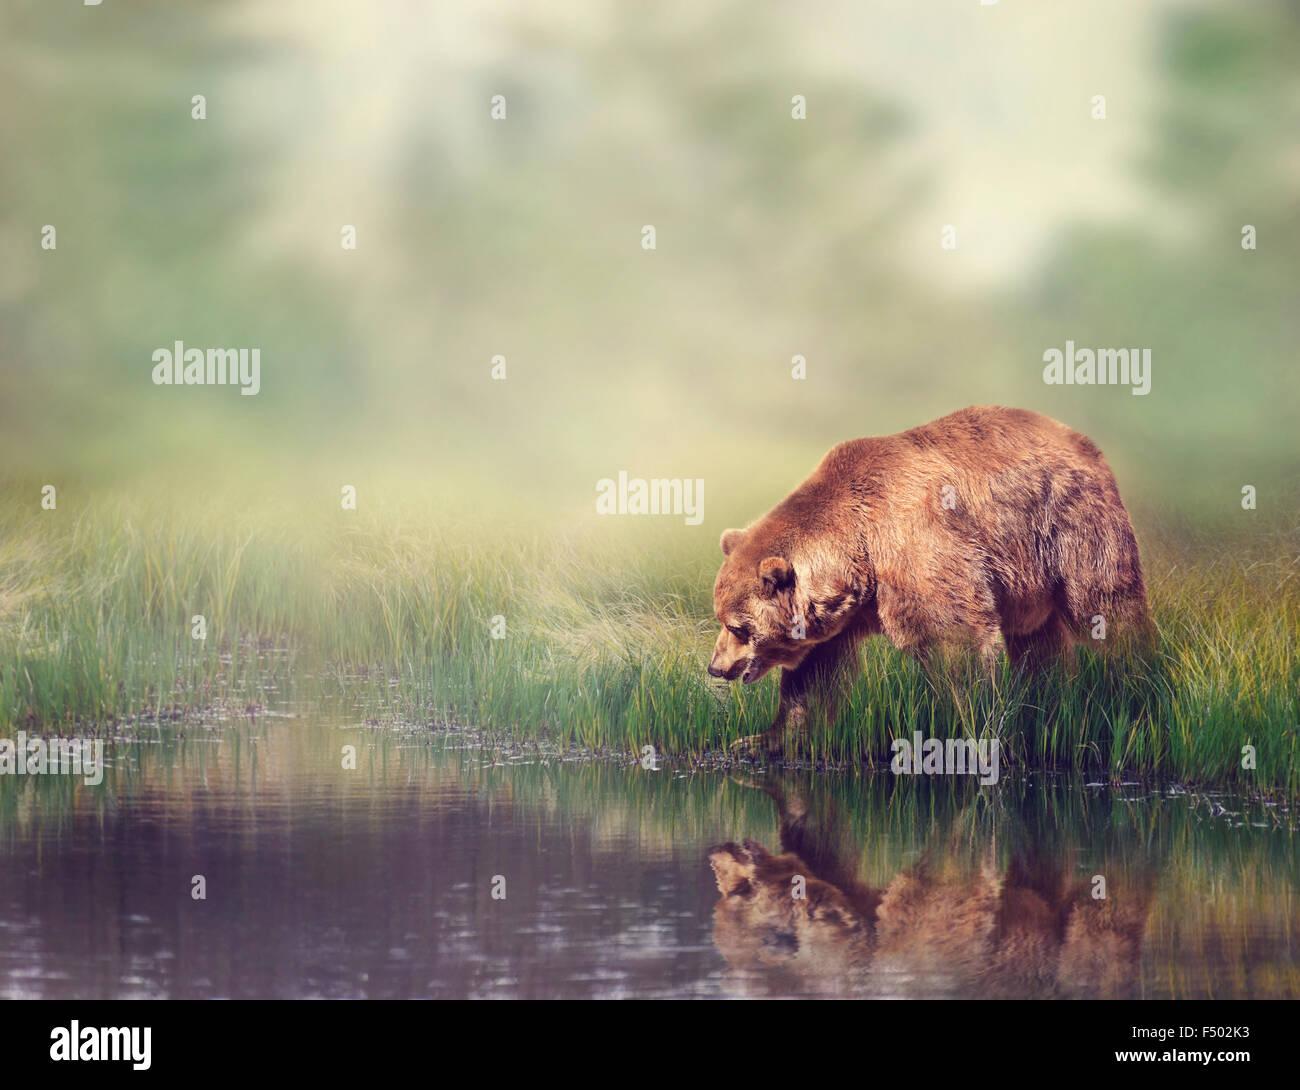 Orso bruno vicino al laghetto con la riflessione Immagini Stock